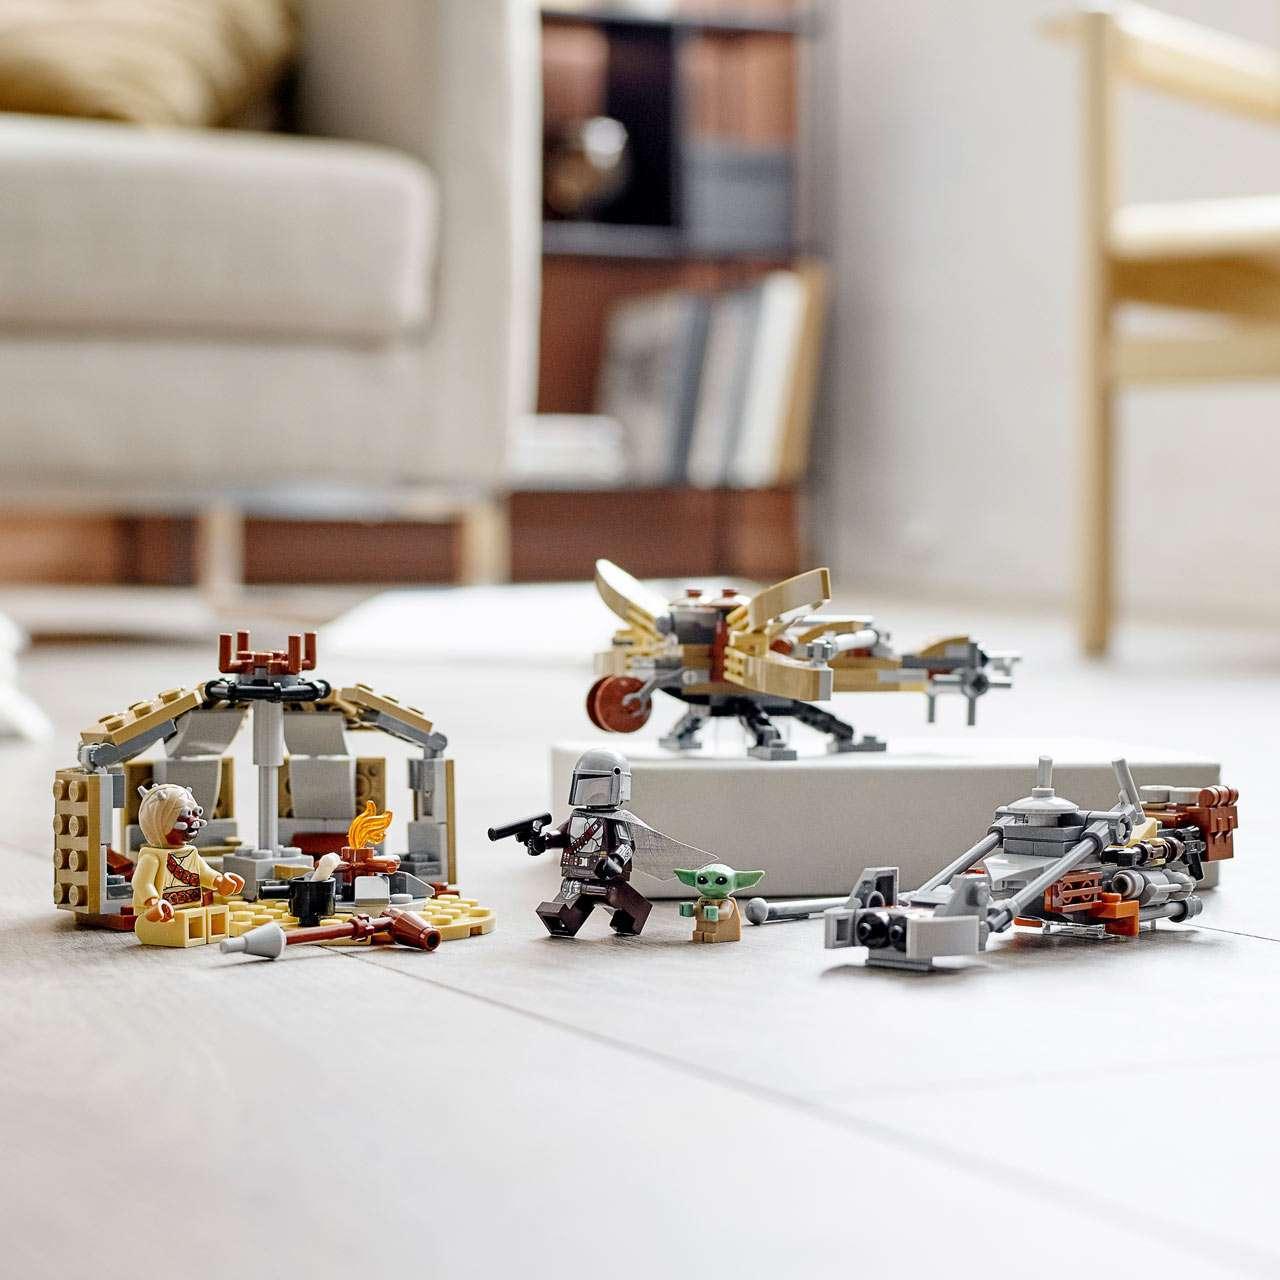 trouble-on-tatooine-lego-2